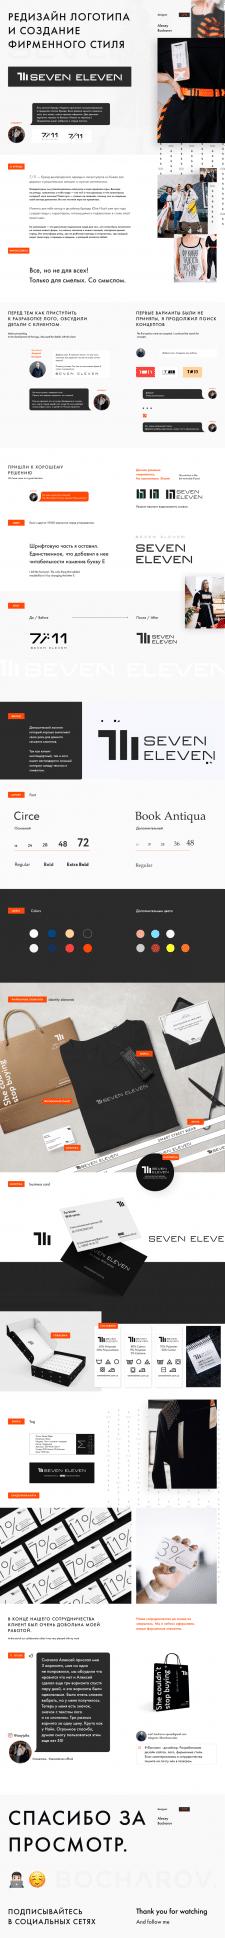 Редизайн лого и создание фирменного стиля